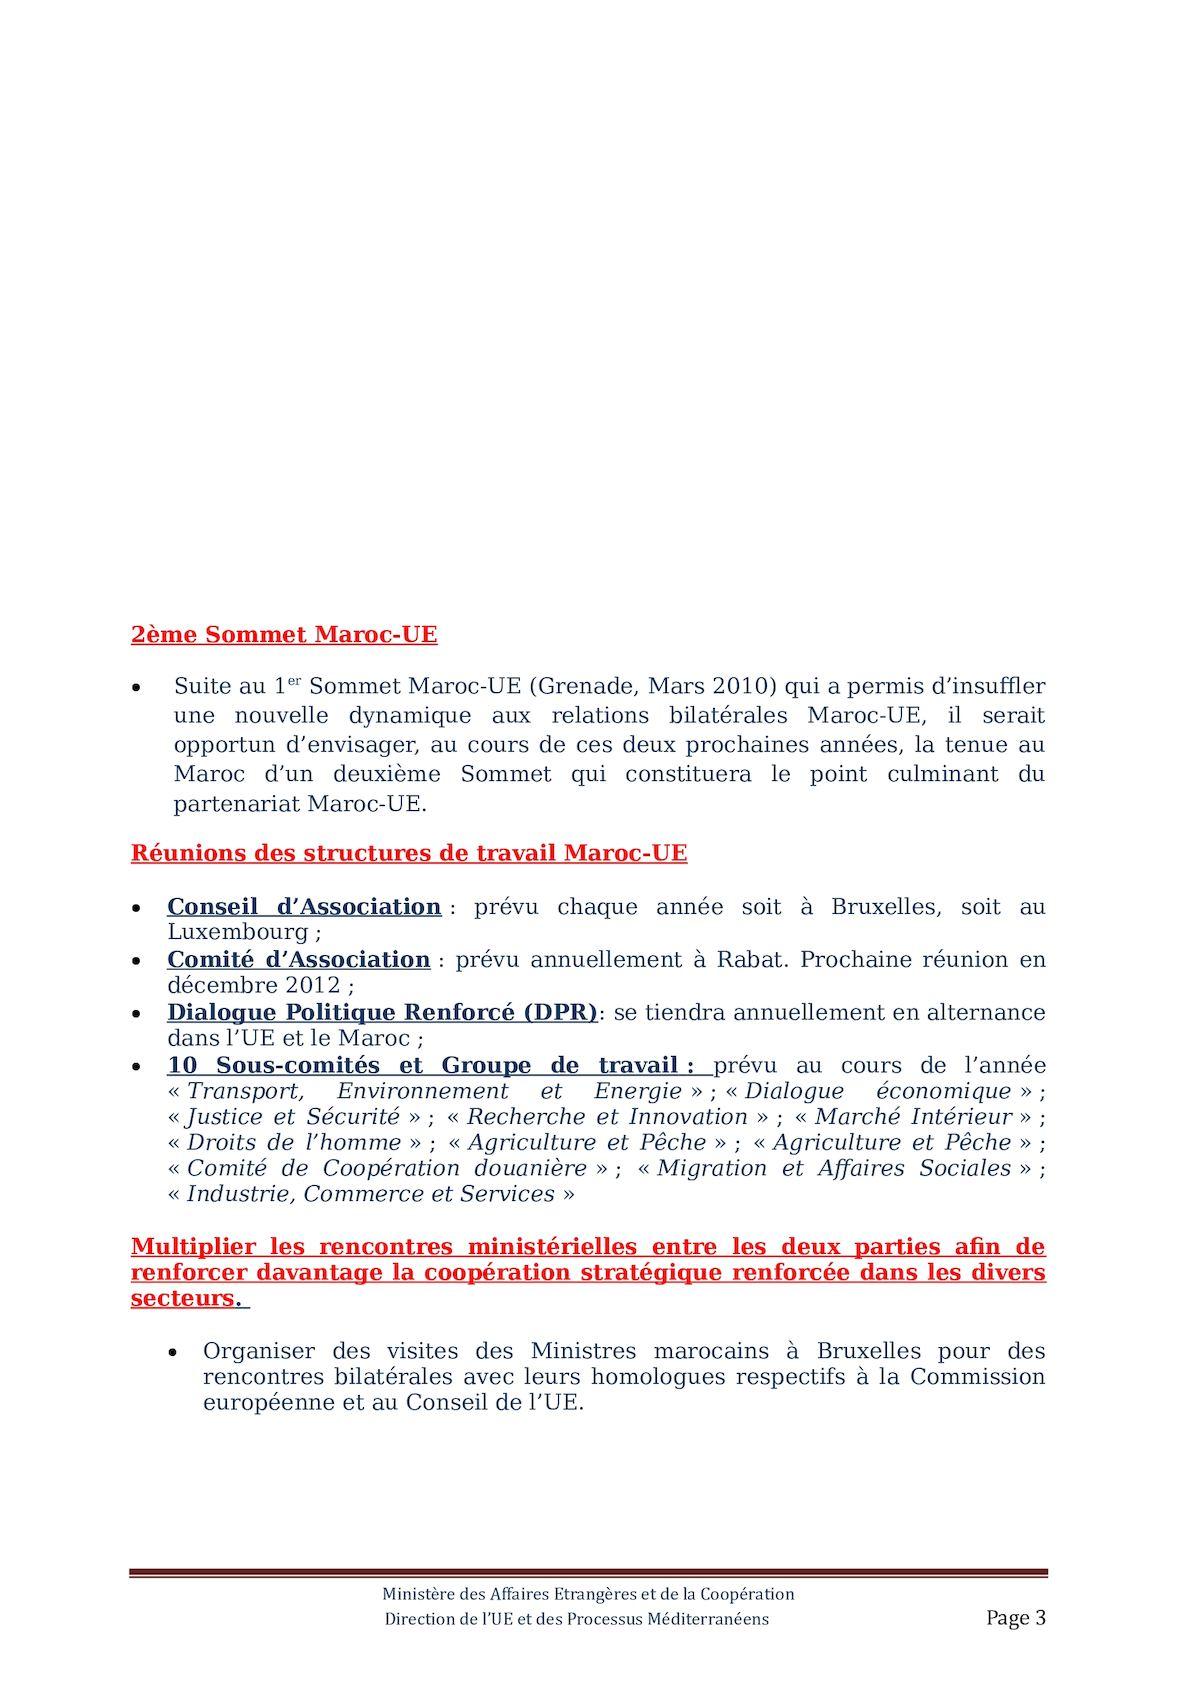 Plan Cul Agde (34300) , Rencontre Sexe Et Coquine Sur Rdv Montpellier